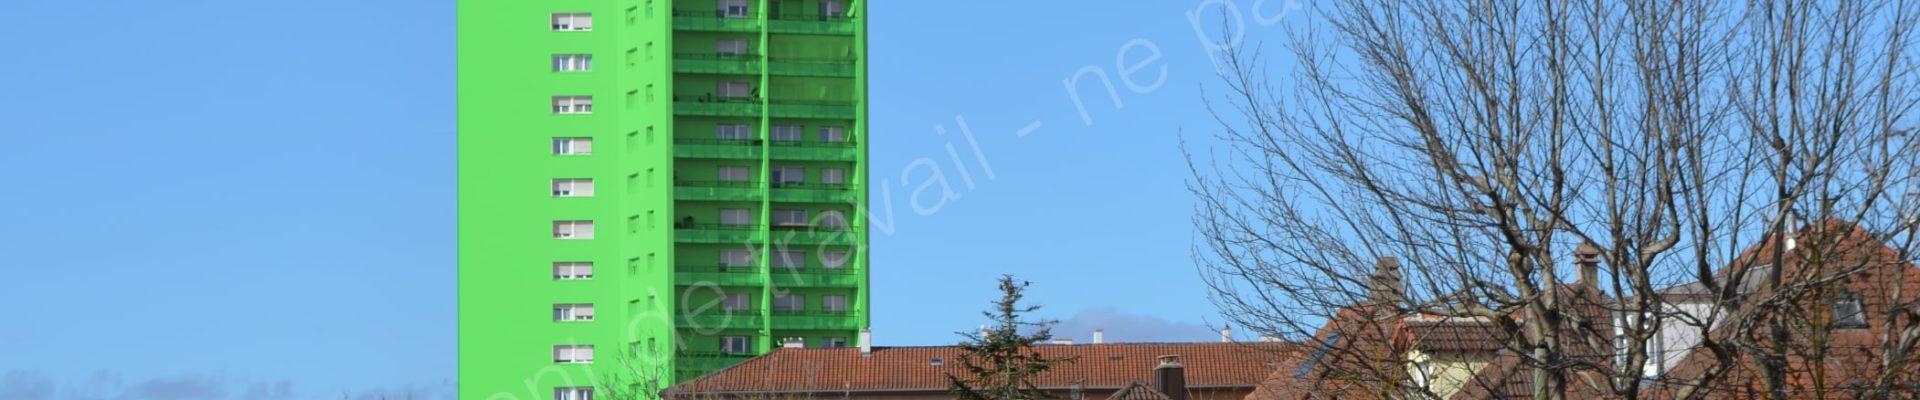 [Poisson] Habitation Moderne et la ville de Strasbourg envisagent de peindre la tour Schwab en vert